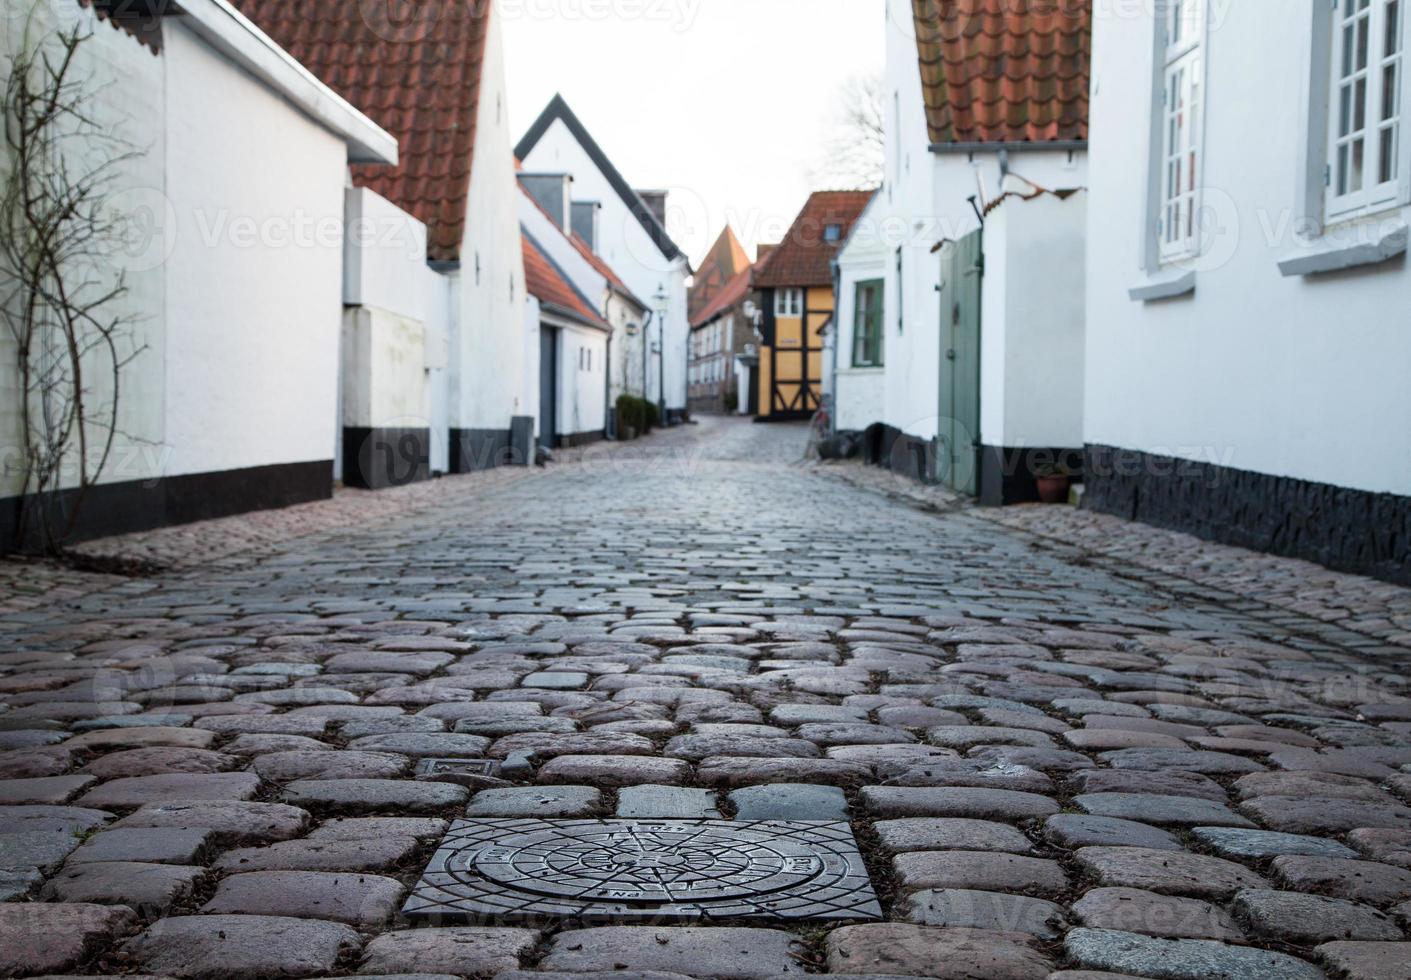 alte Straße in Ribe, Dänemark foto